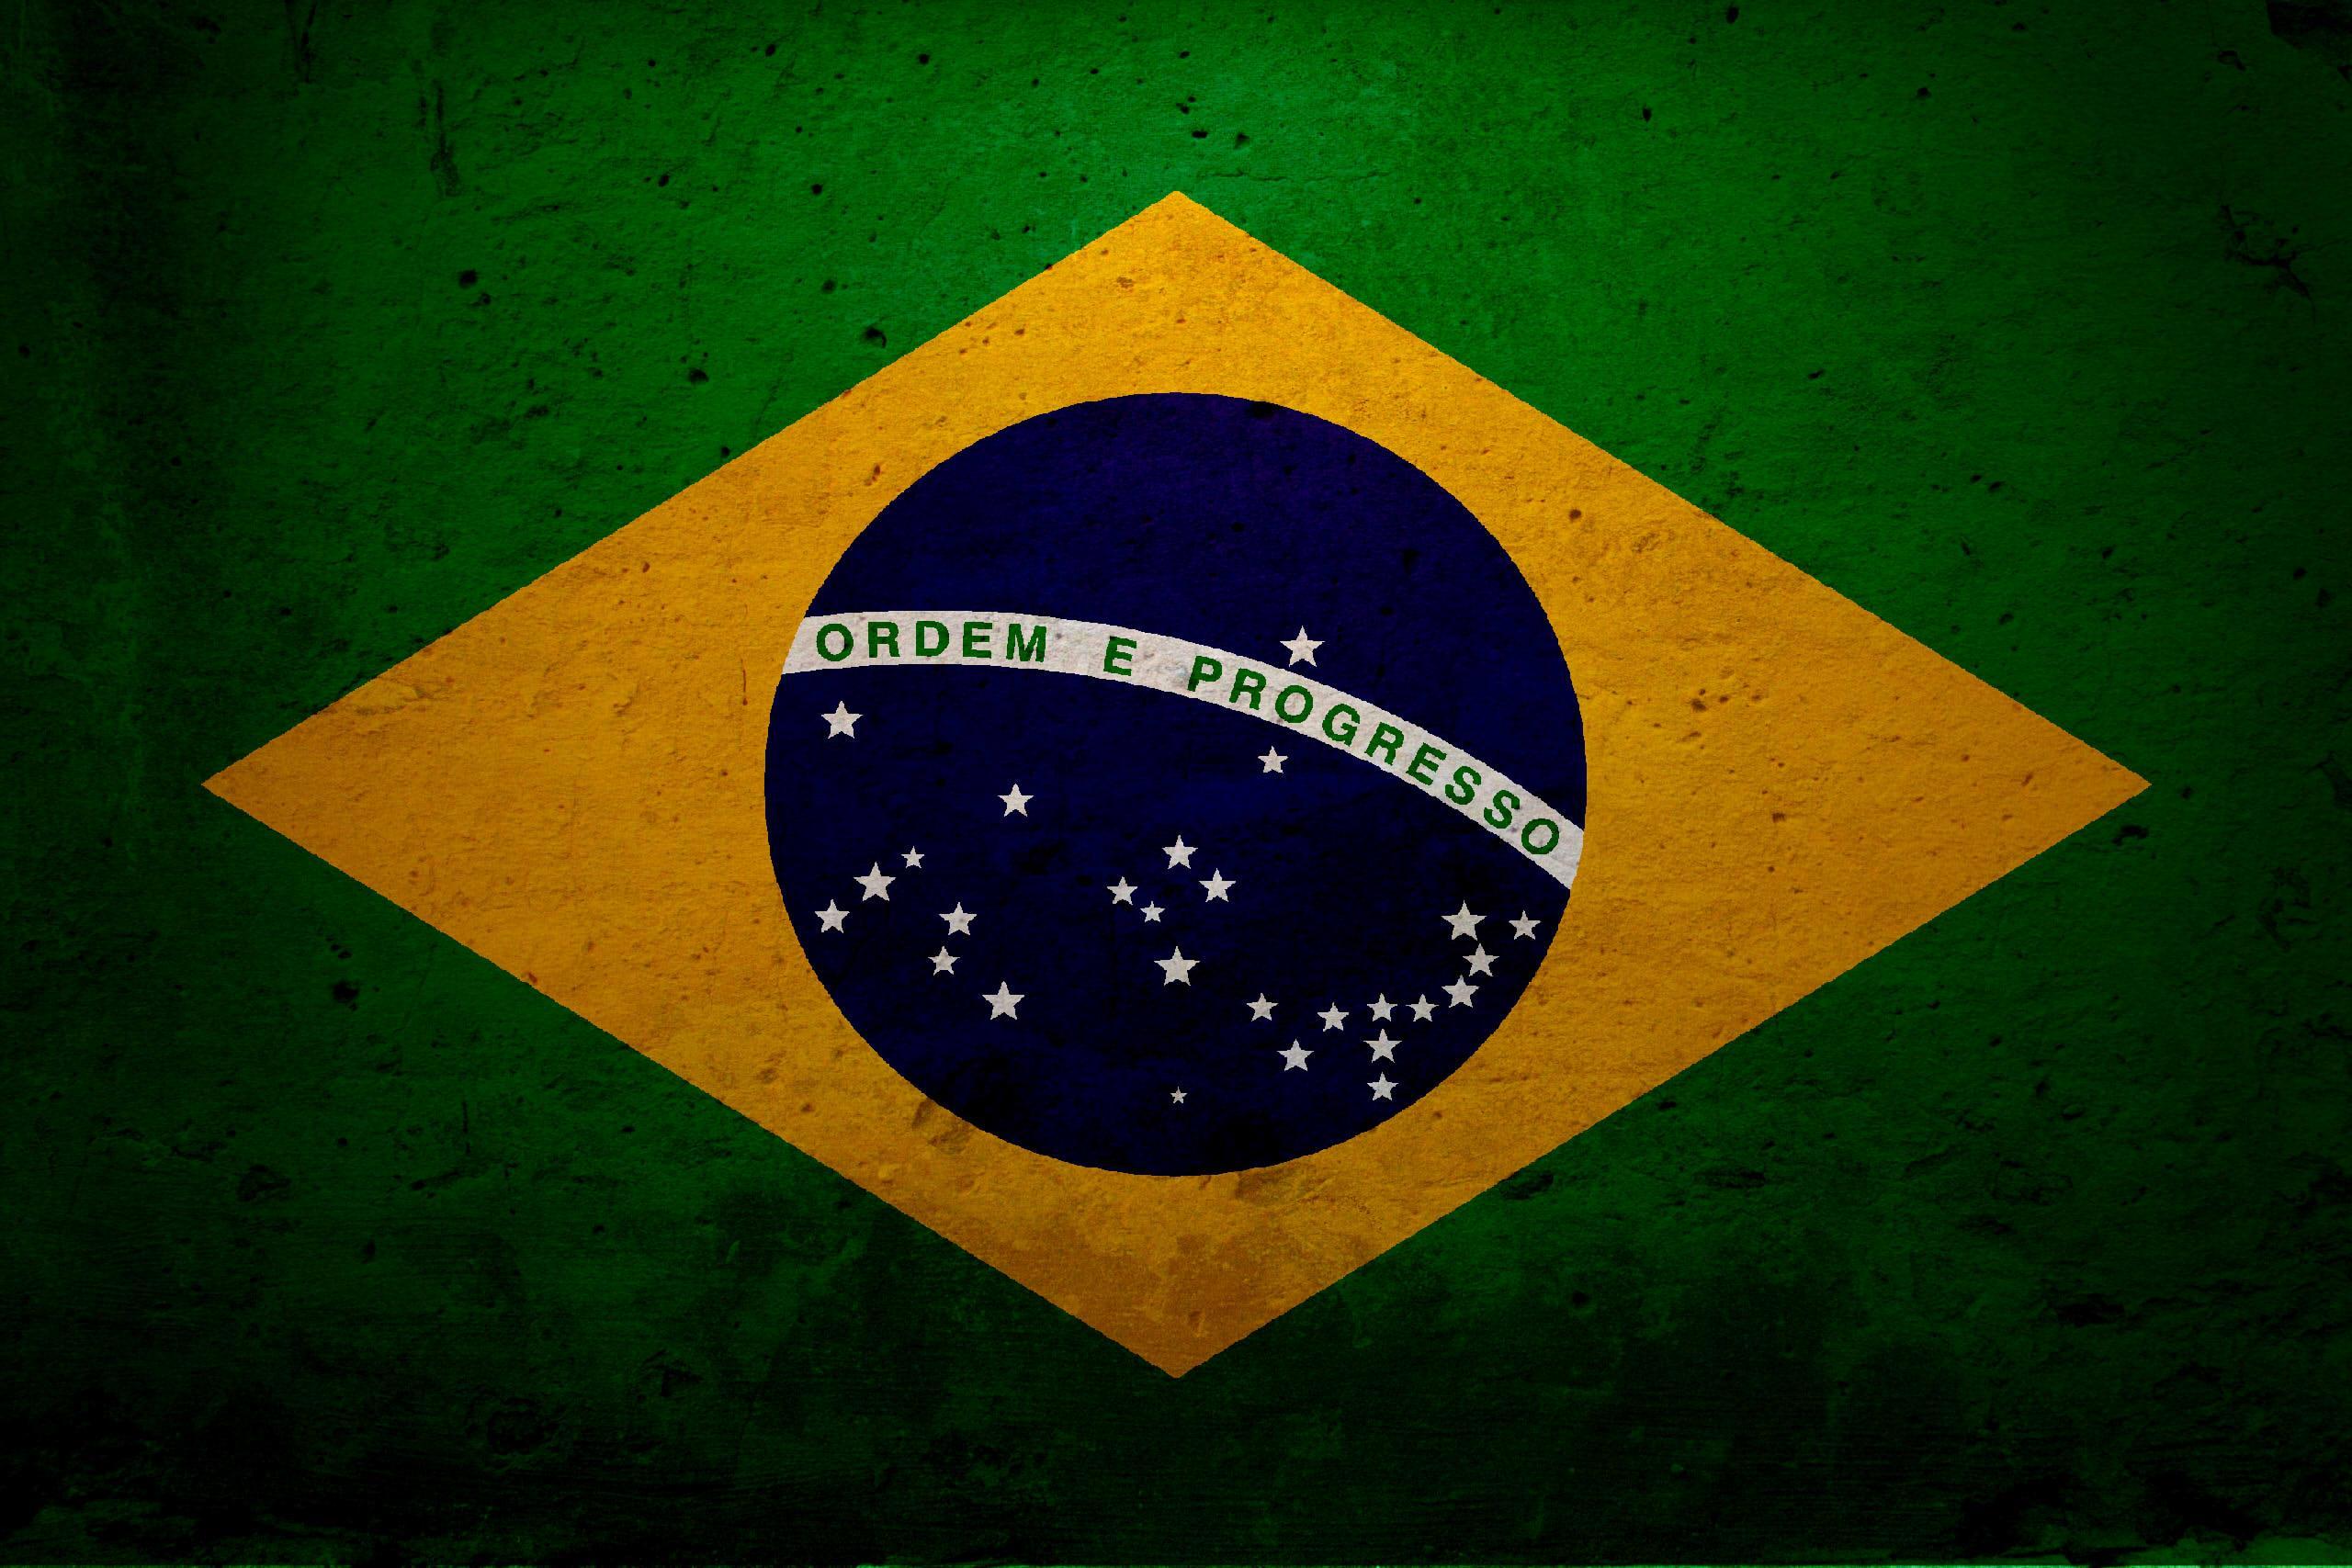 http://scotconsultoria.com.br/bancoImagensUP/180614_artigo_coelho_1.jpg